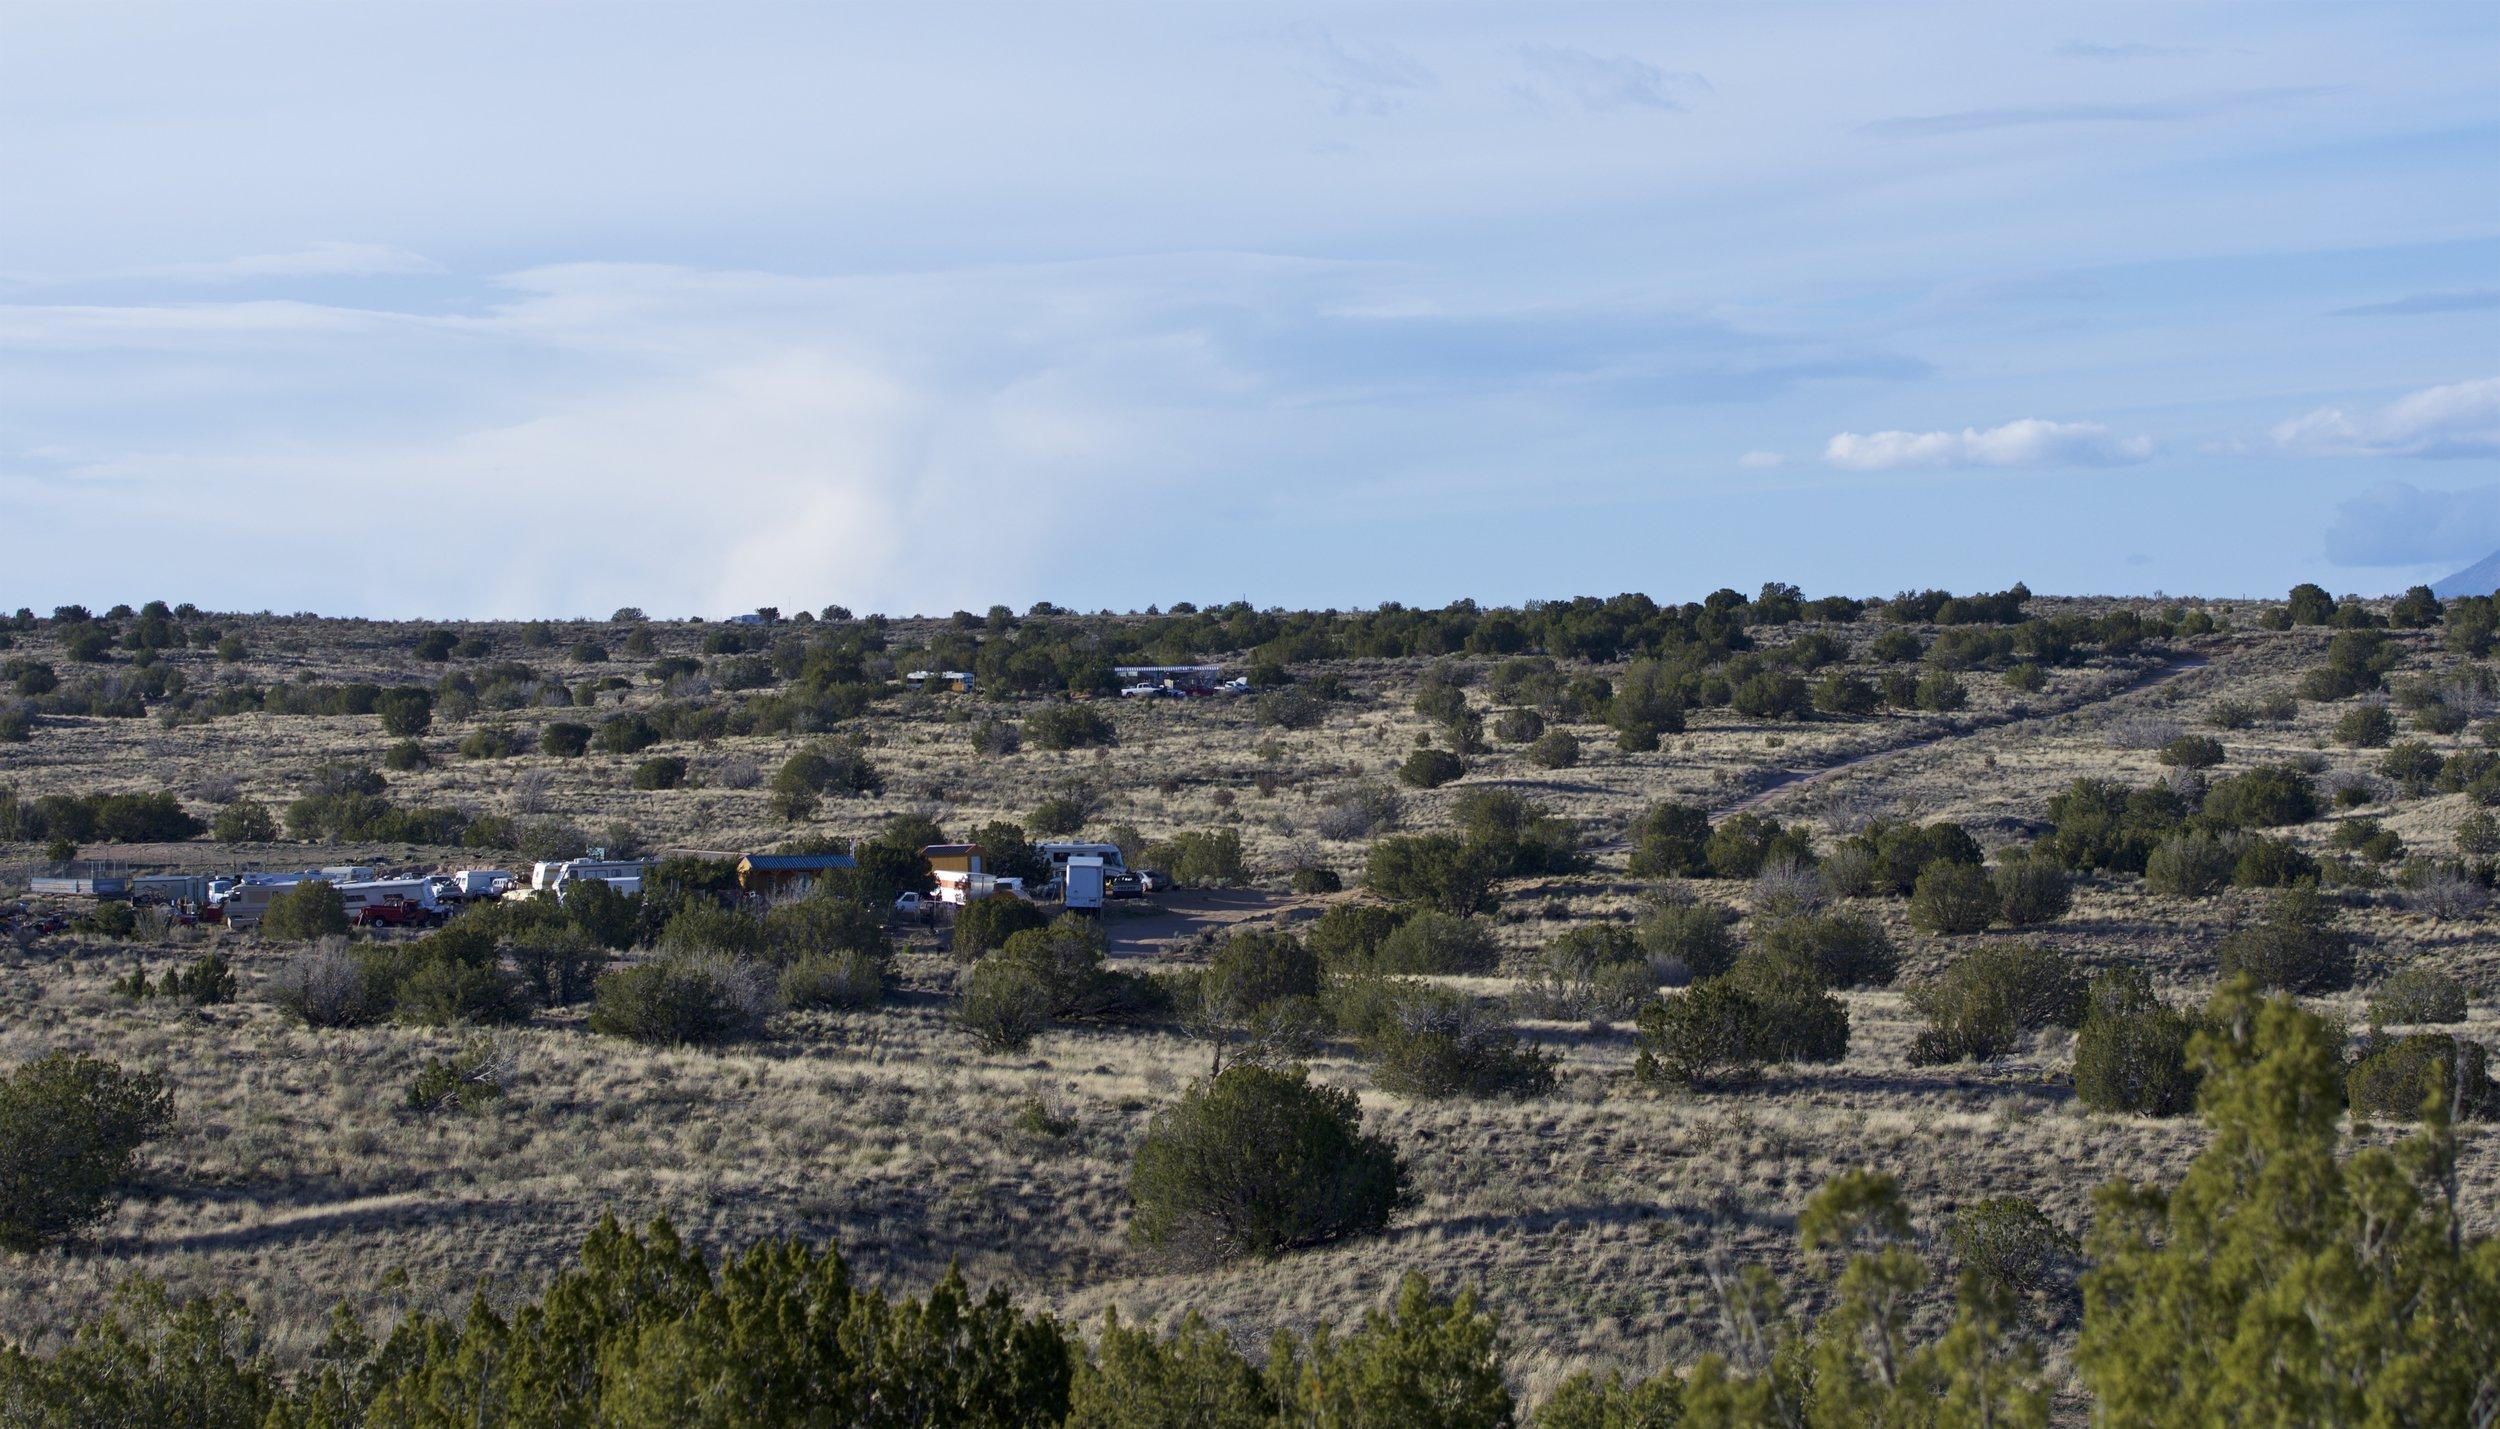 SNNM-2231-rio-rancho-125726.jpg